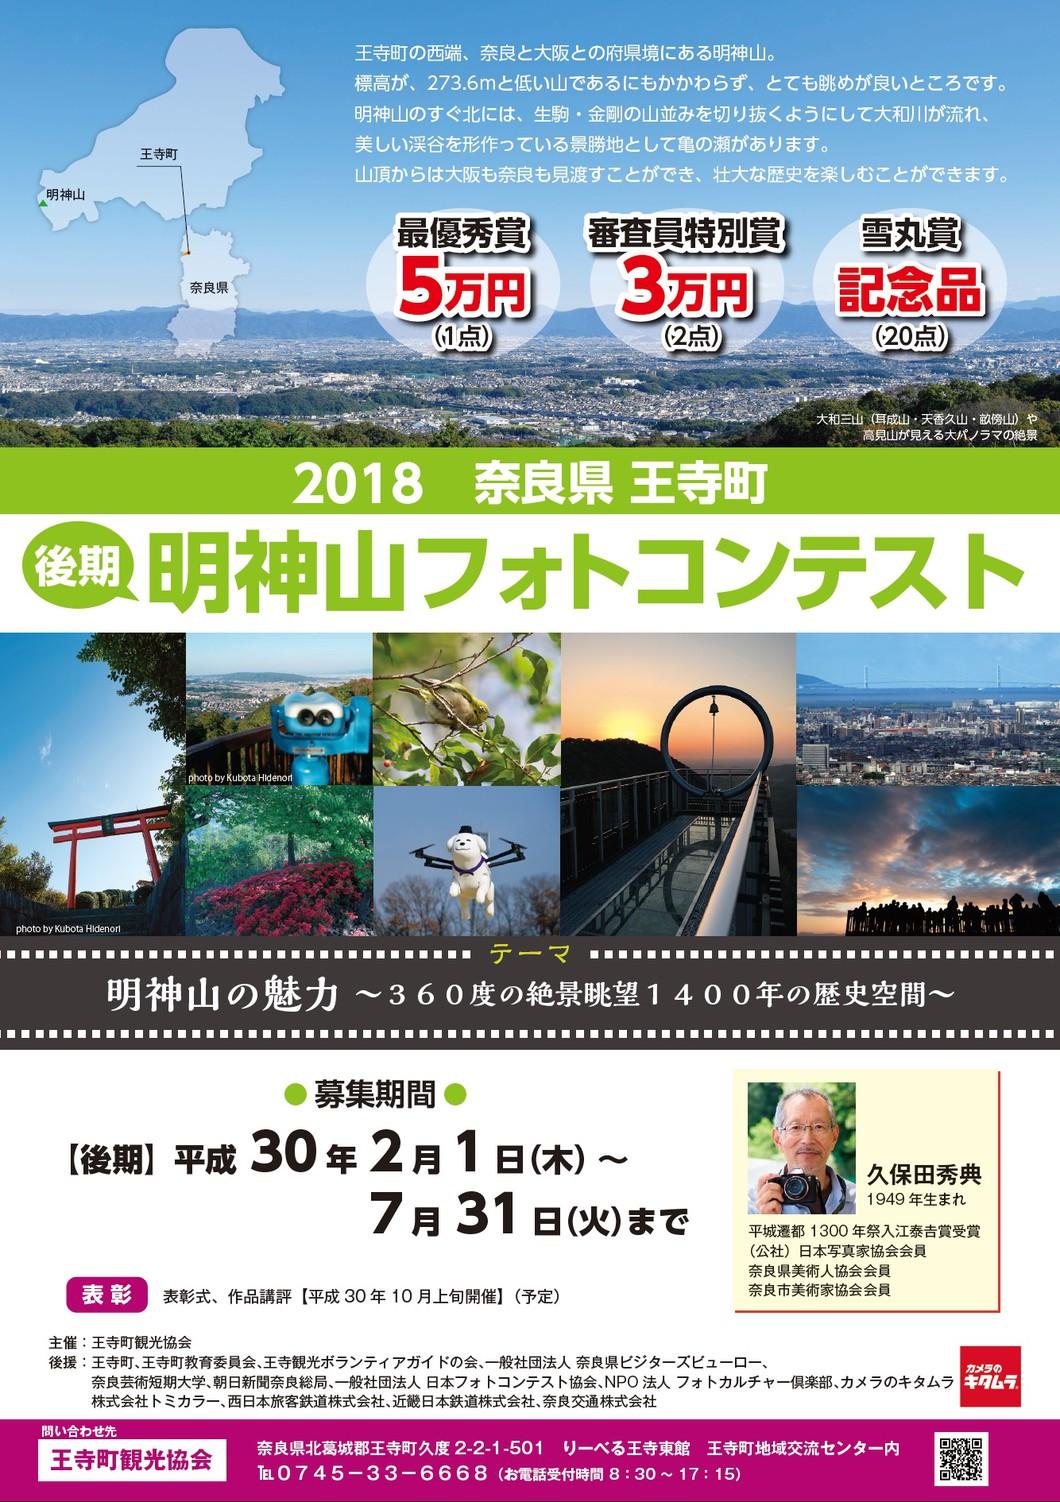 2018 奈良県 王寺町 明神山フォトコンテスト 後期